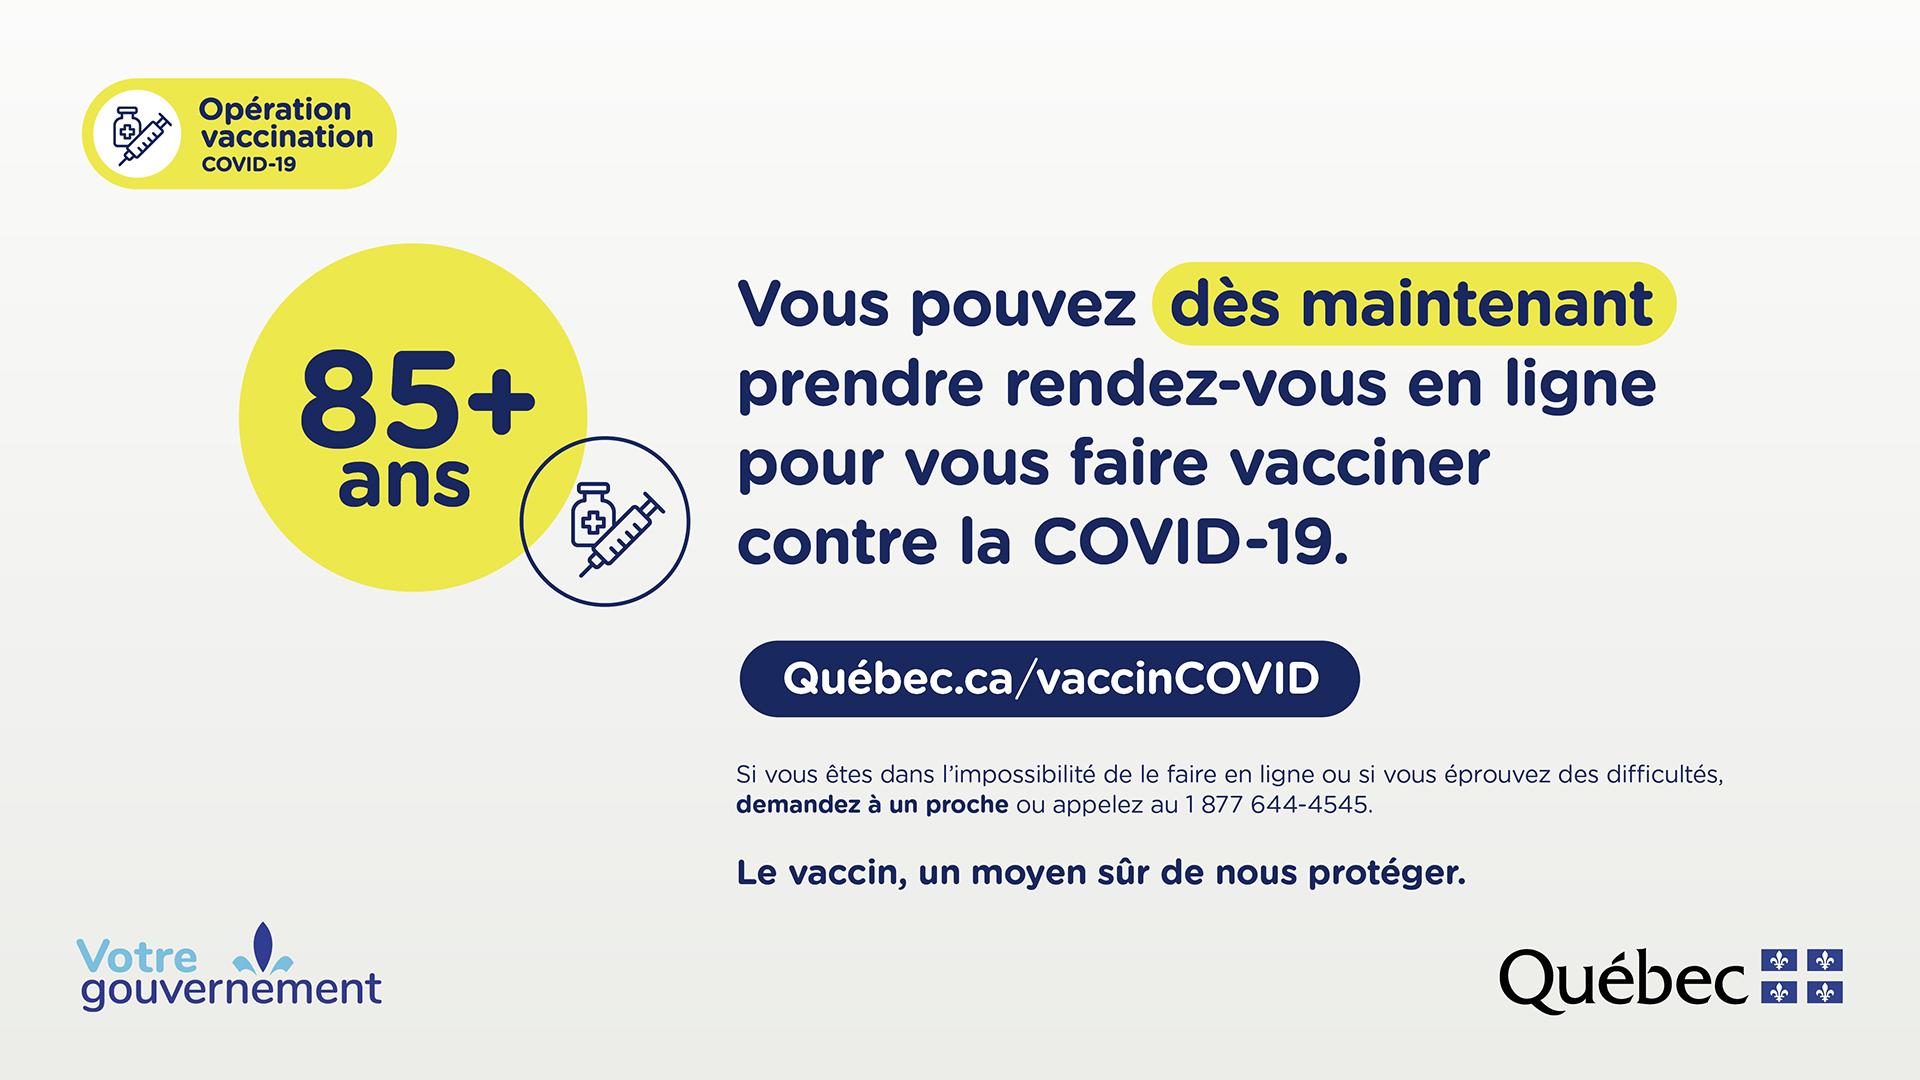 La campagne de vaccination contre la Covid-19 pour les personnes aînées est lancée